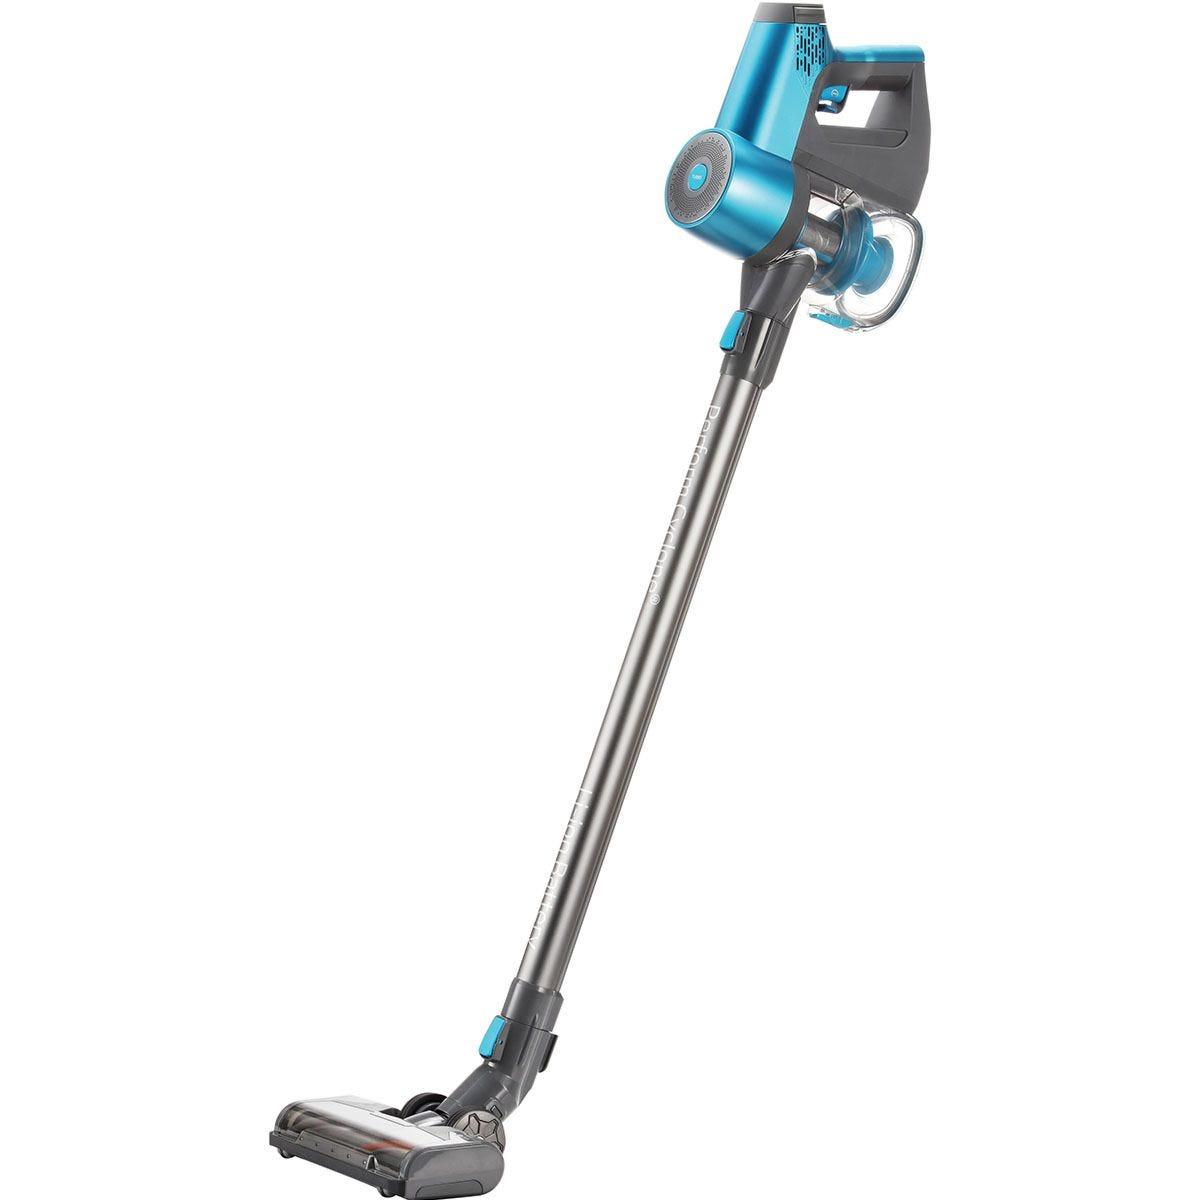 Beko VRT82821DV Power Stick 2-in-1 Cordless Vacuum Cleaner - Grey